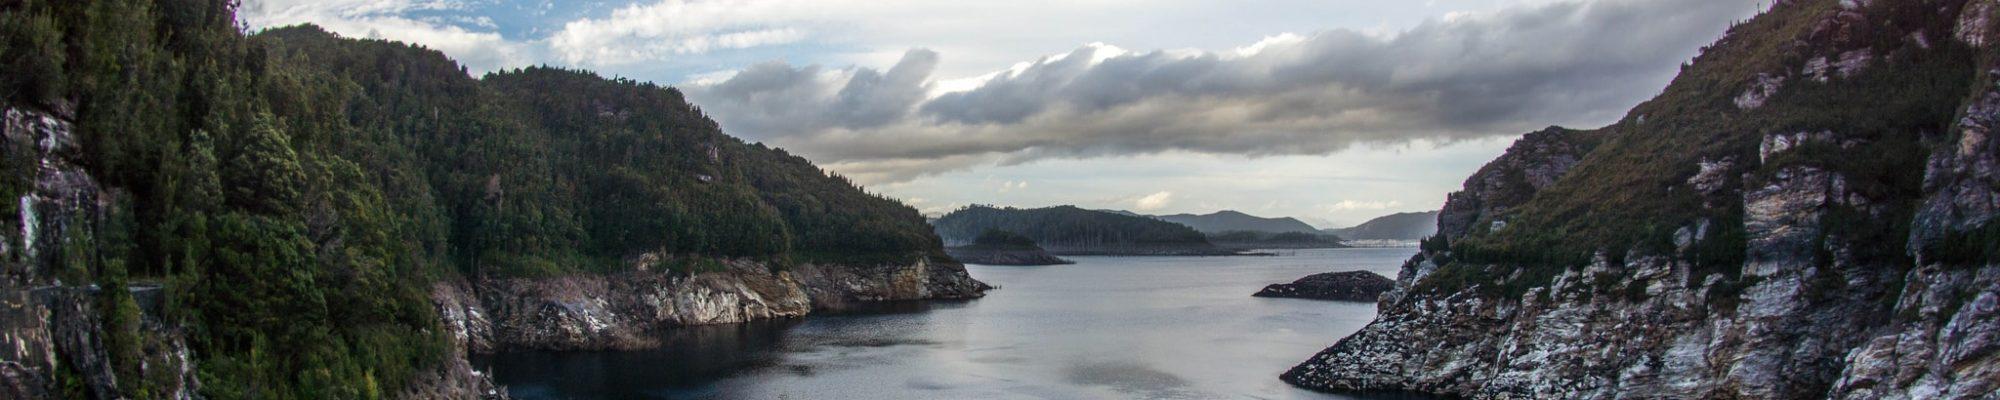 Région de Tasmanie, en Australie